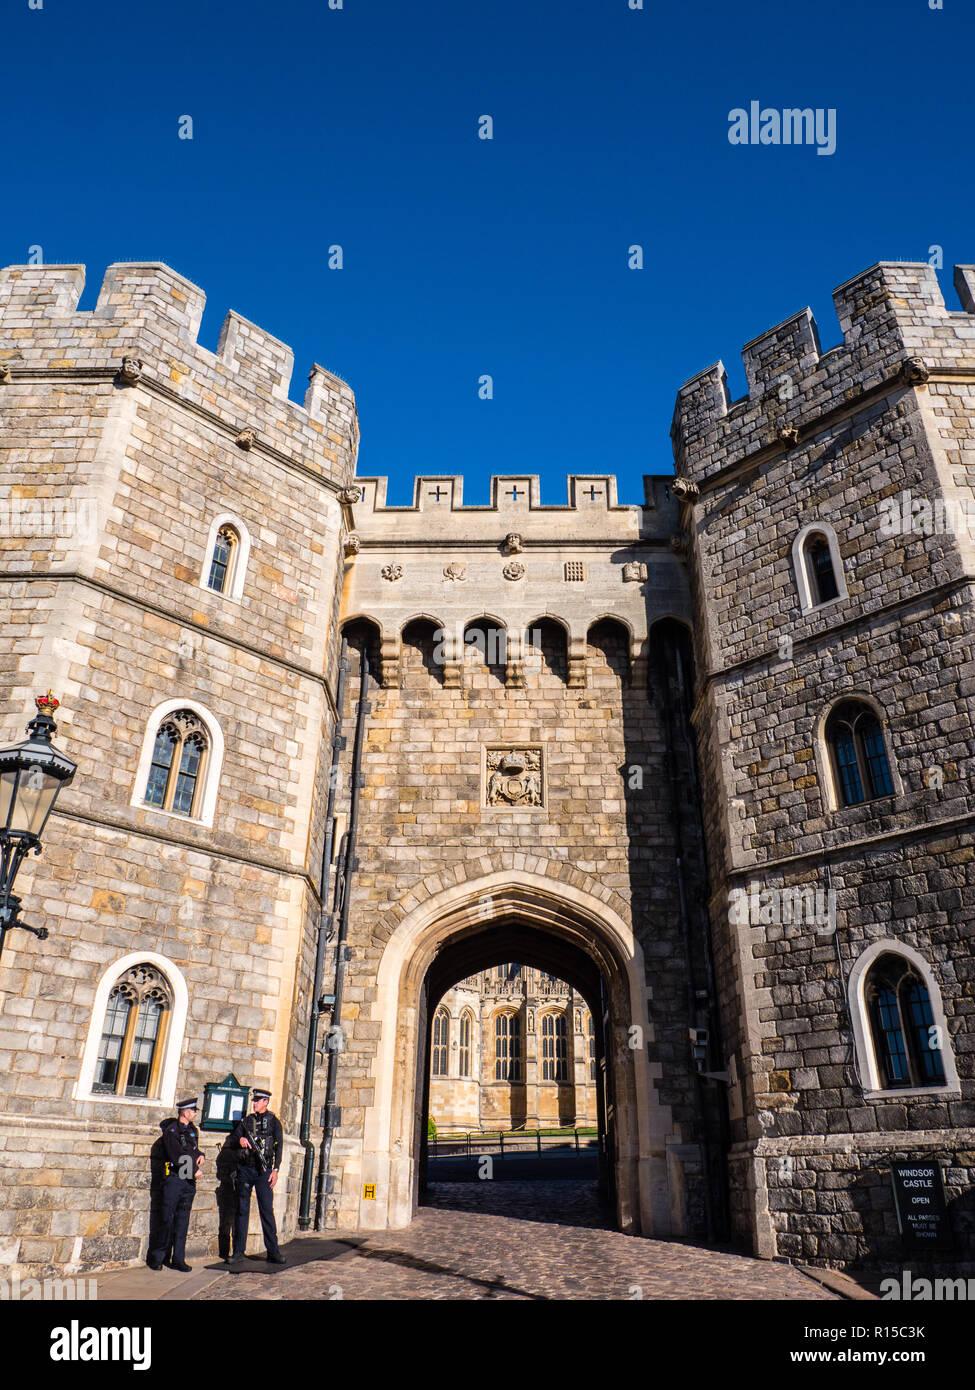 Armed Police, Windsor Castle Entrance, Windsor, Berkshire, England, UK, GB. - Stock Image